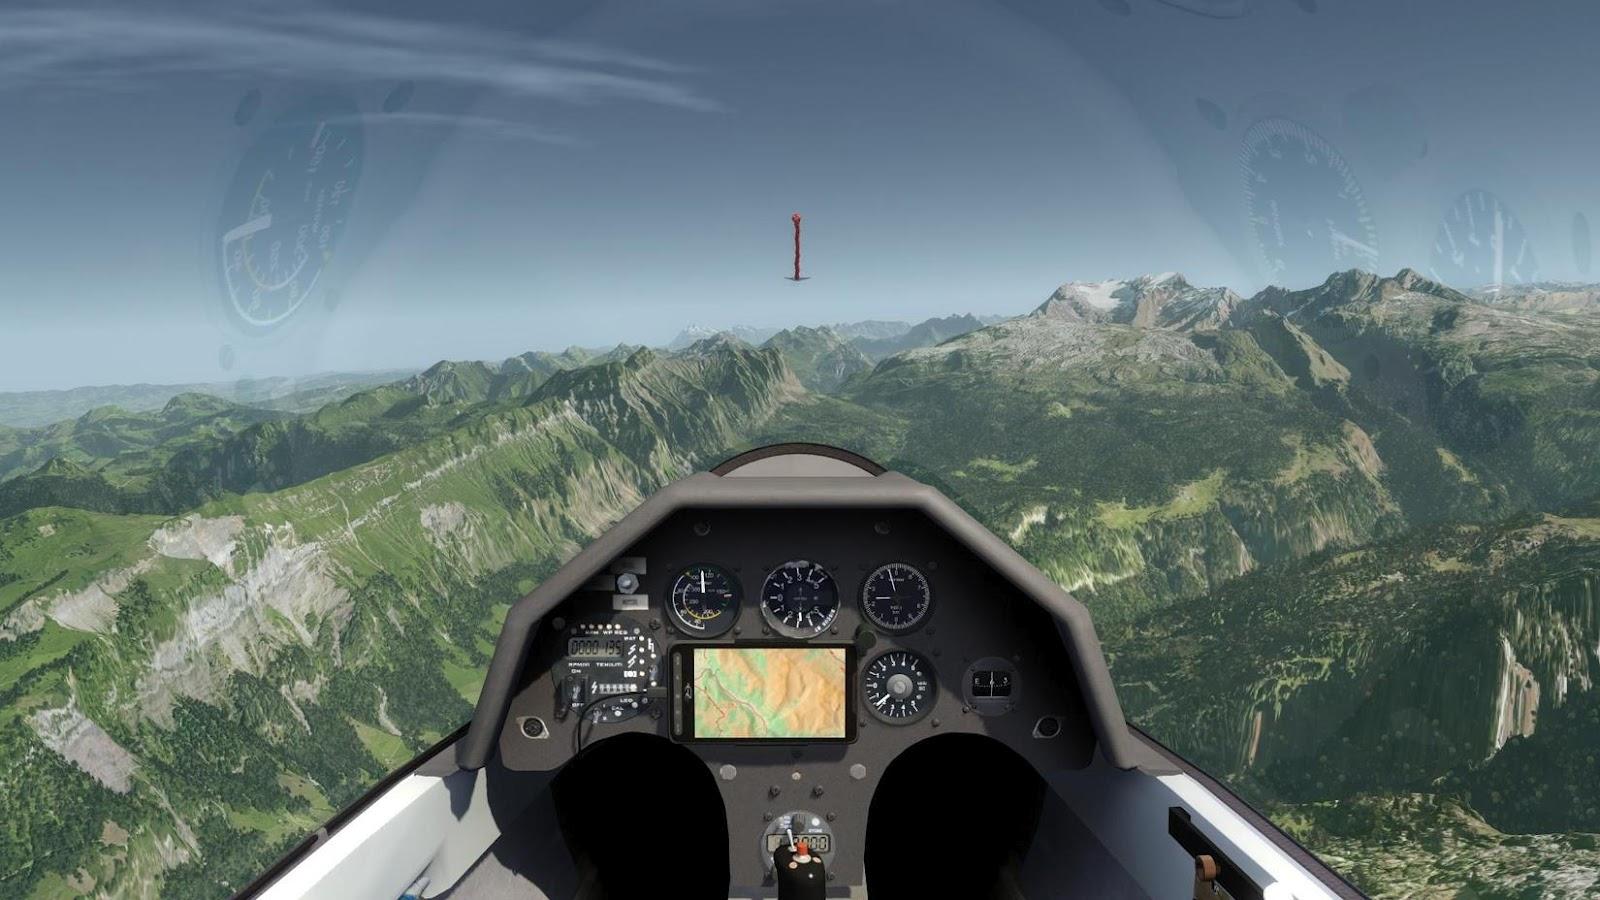 aerofly fs 2 pc